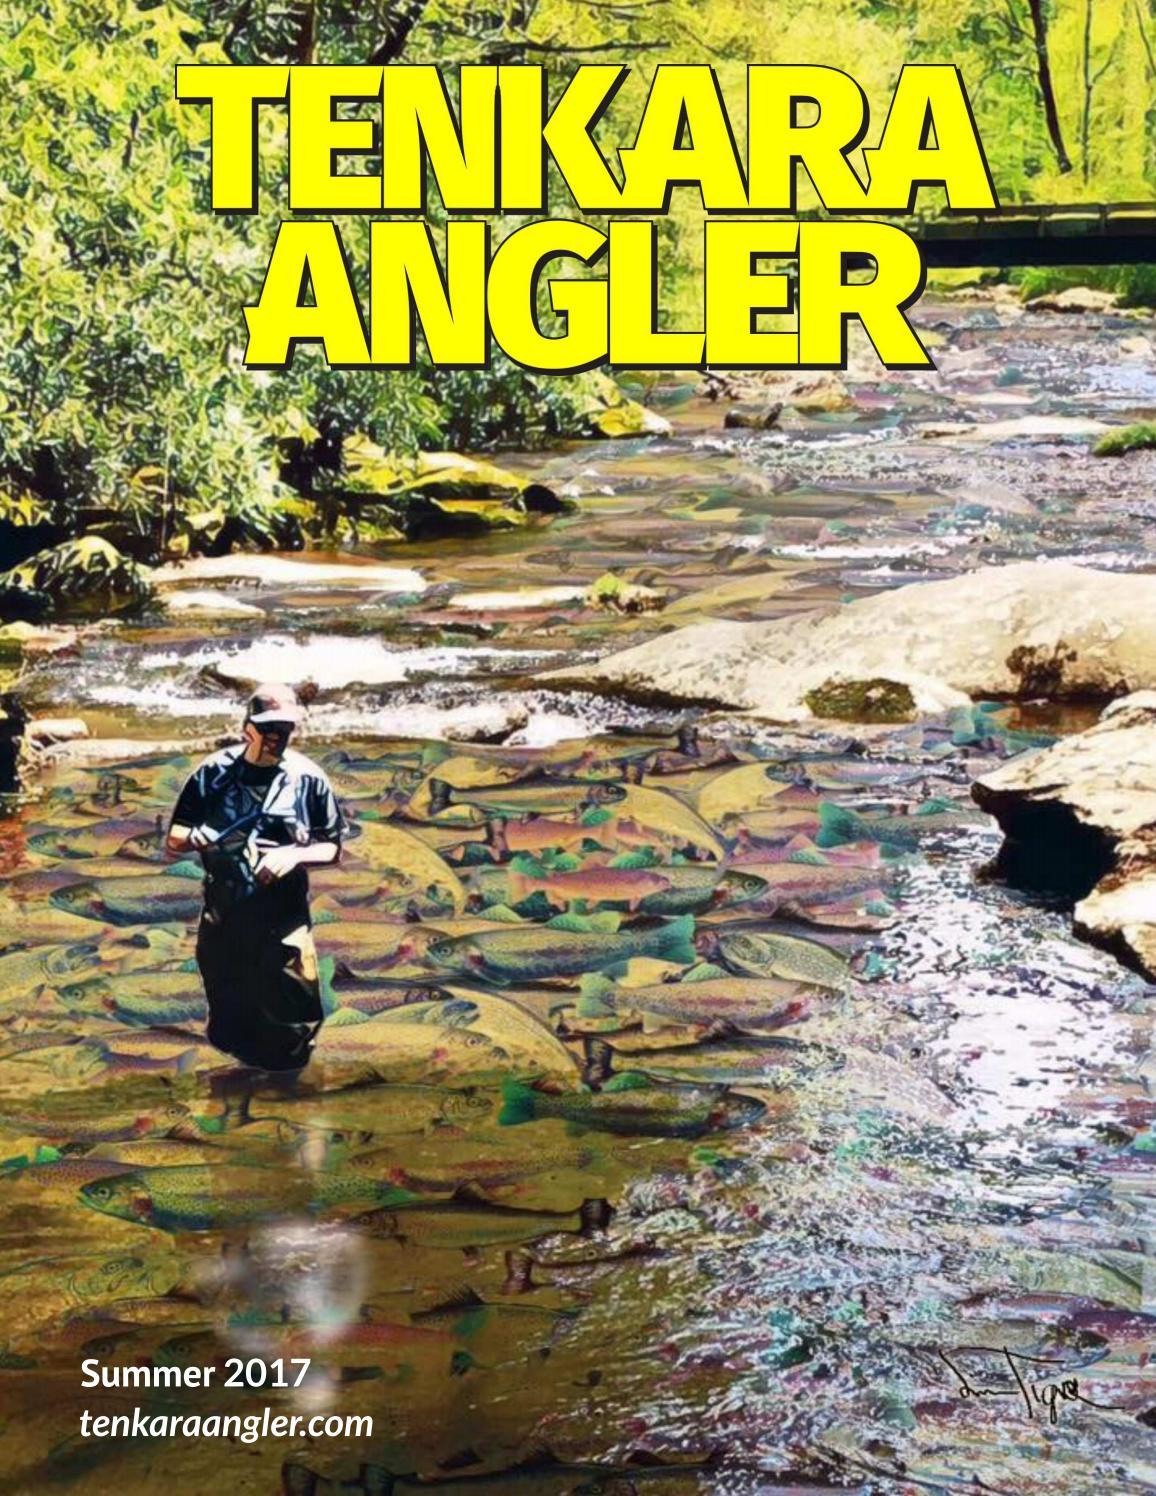 Tenkara Angler - Summer 2017 by Tenkara Angler - issuu